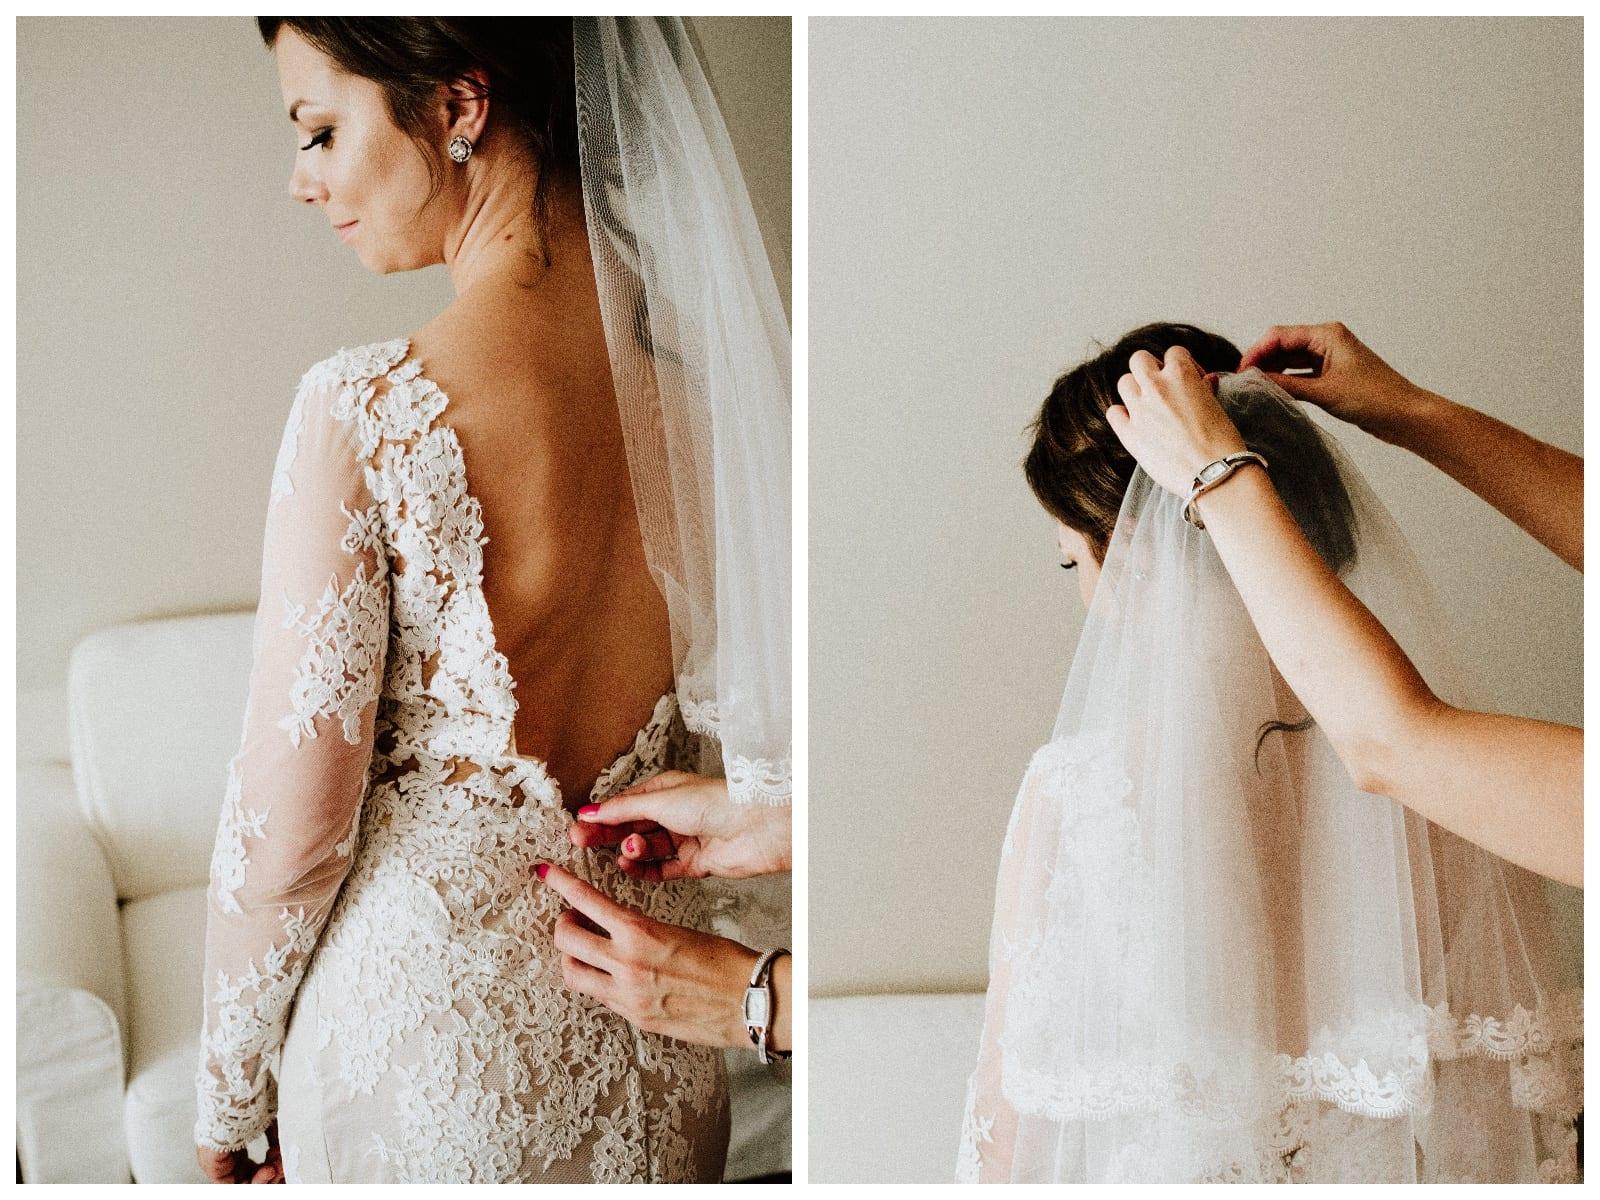 The Wedding Butik